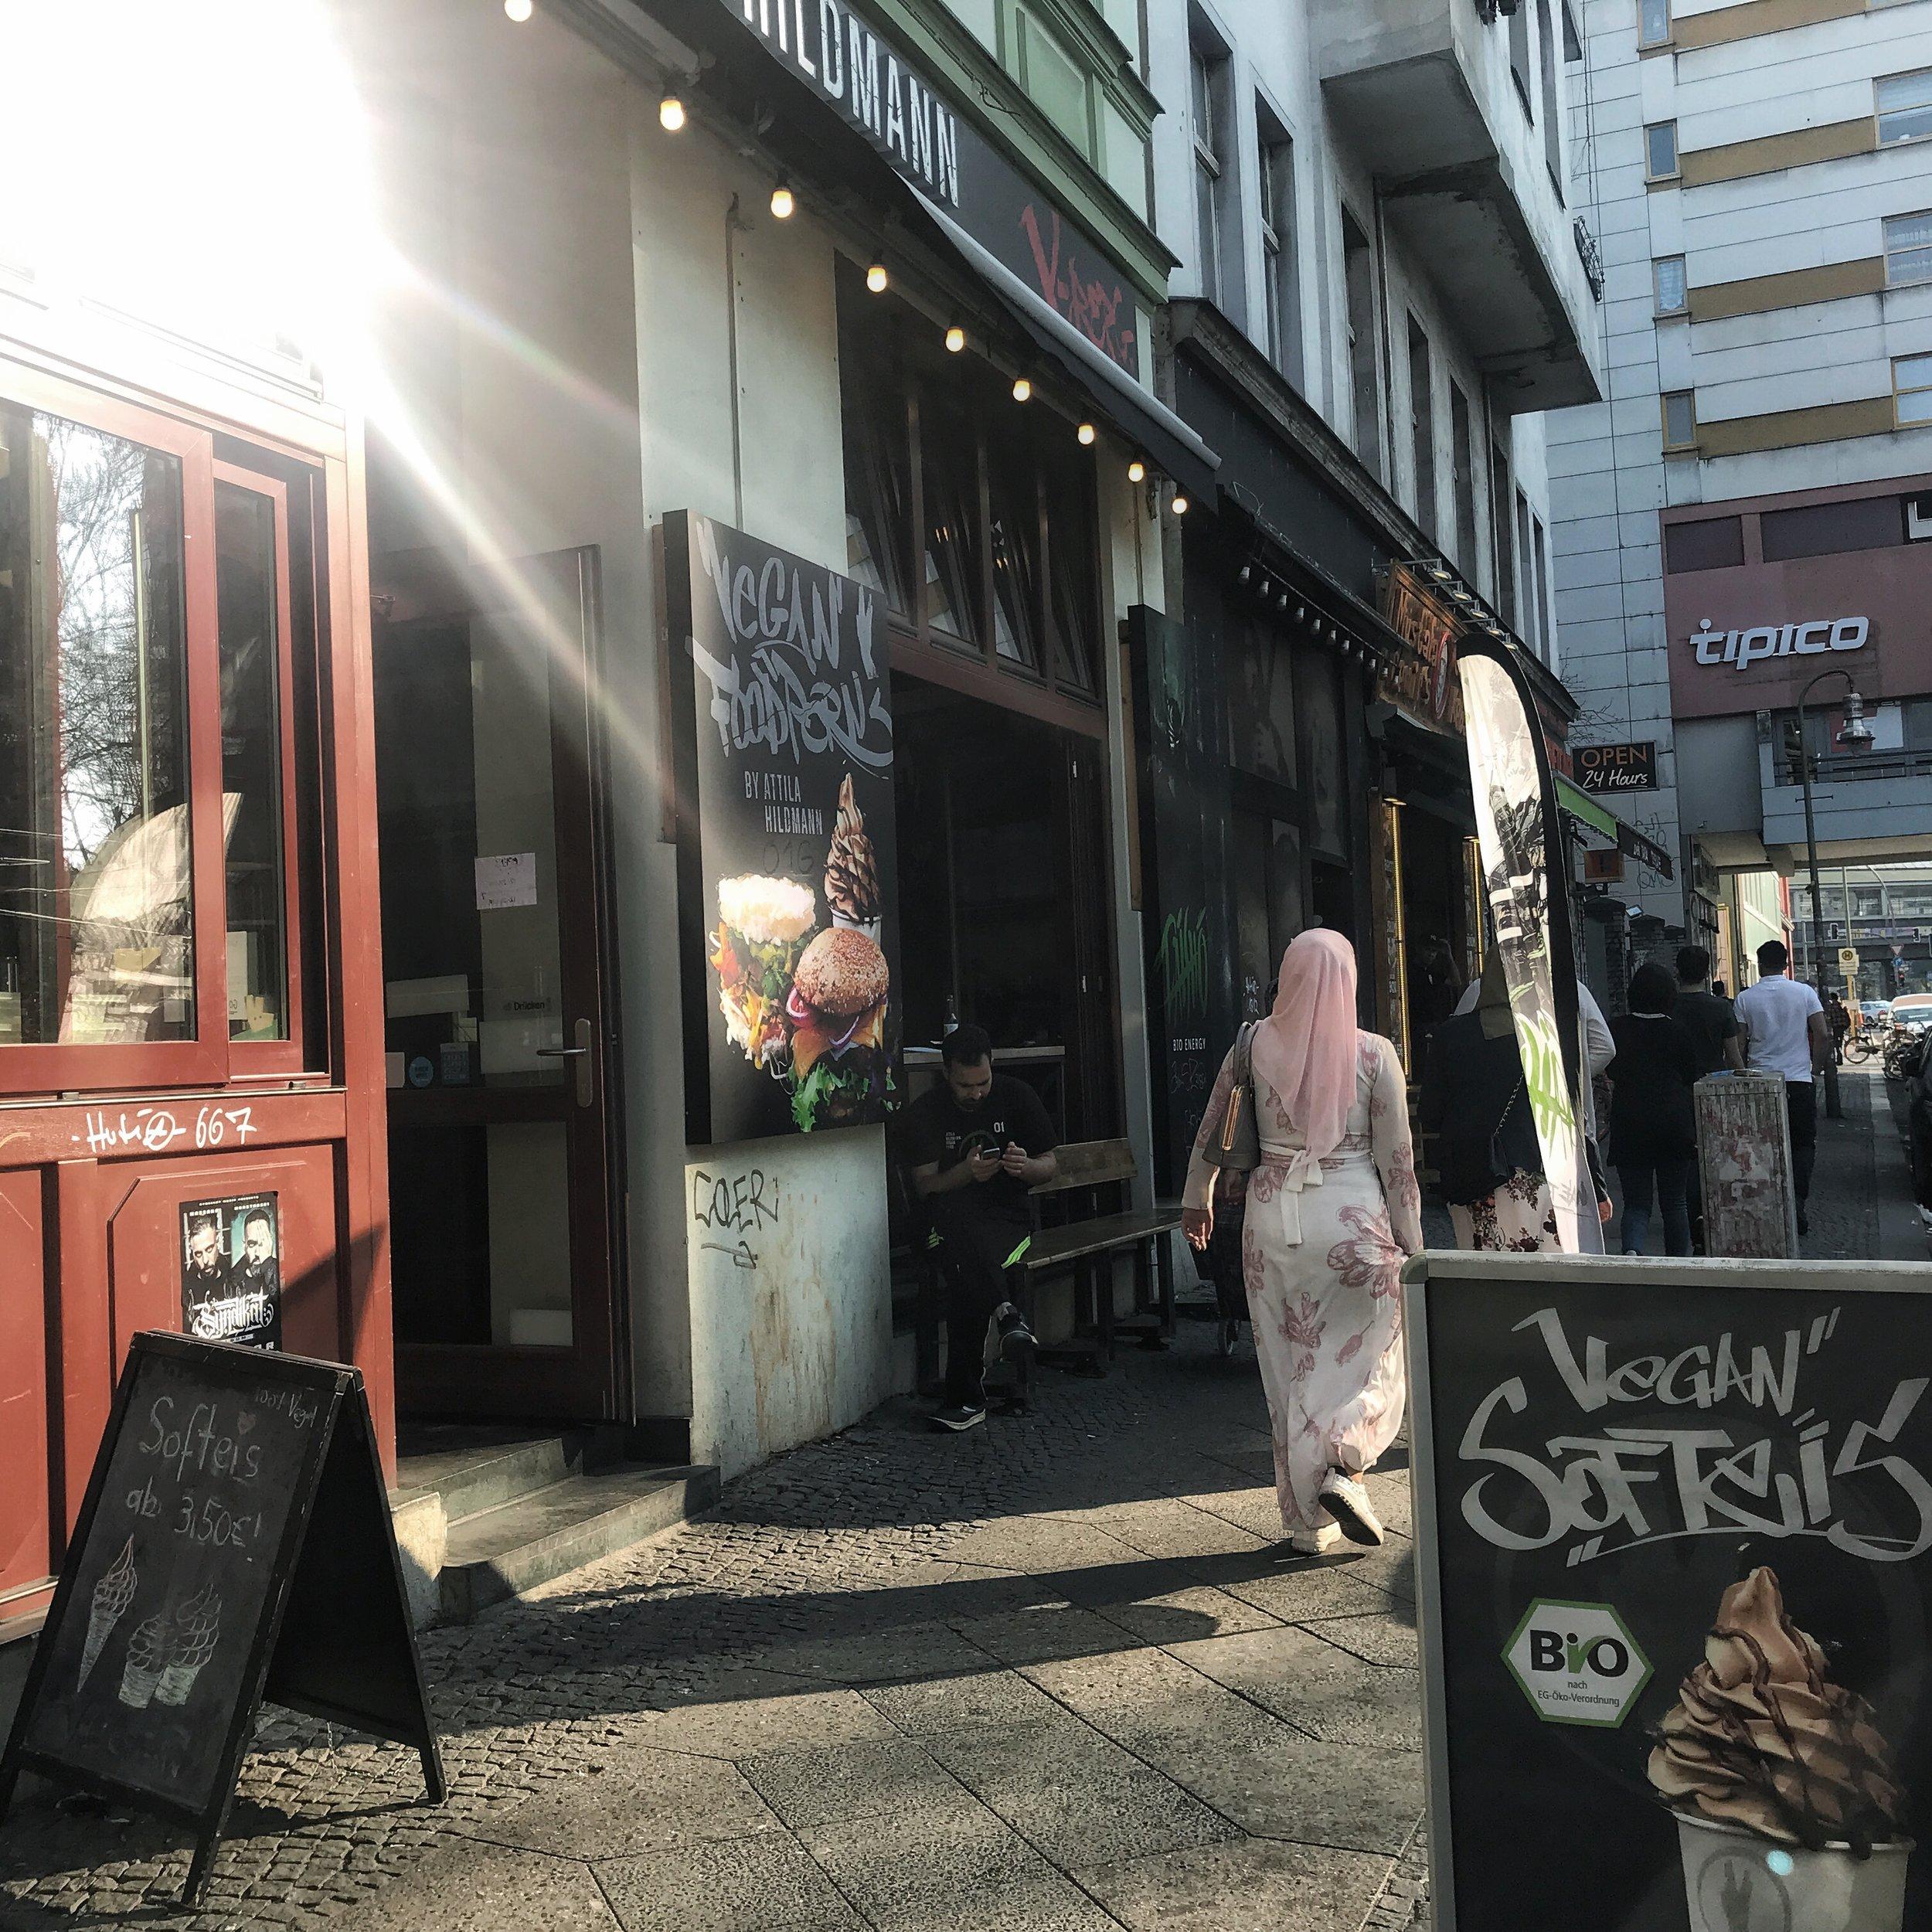 Kreuzberg's vegane Snackbar. - Schneller Fastfood von Attila.